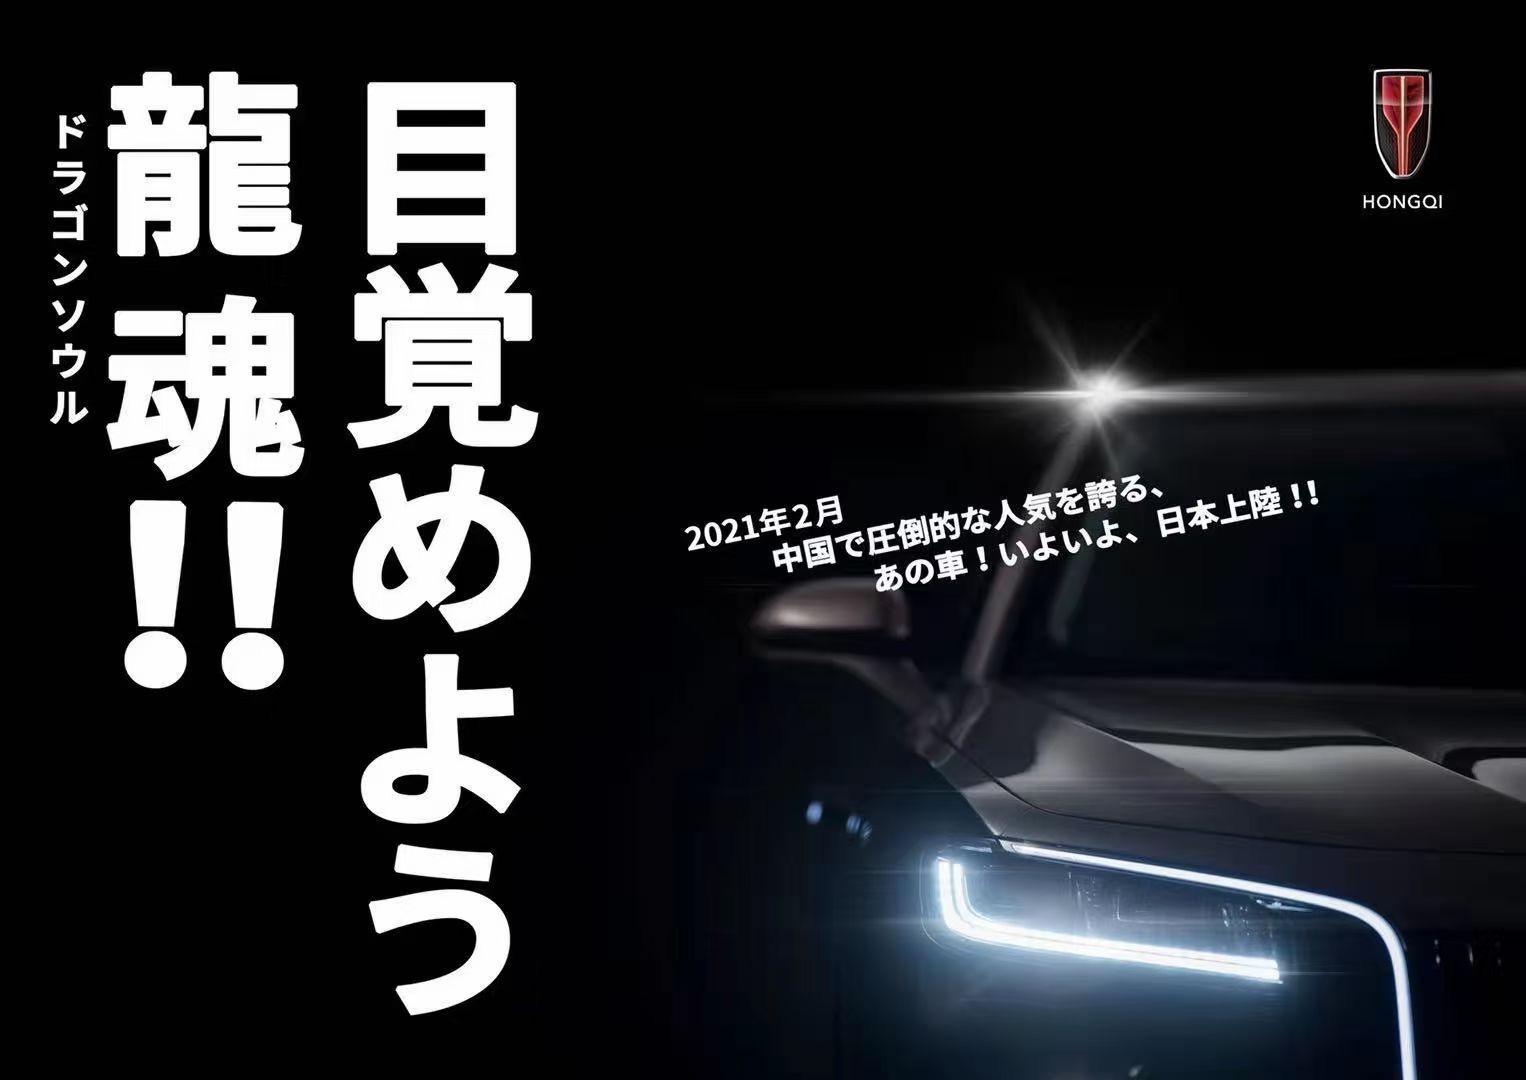 红旗开启新征程!红旗H9日本市场售价曝光,2月上市